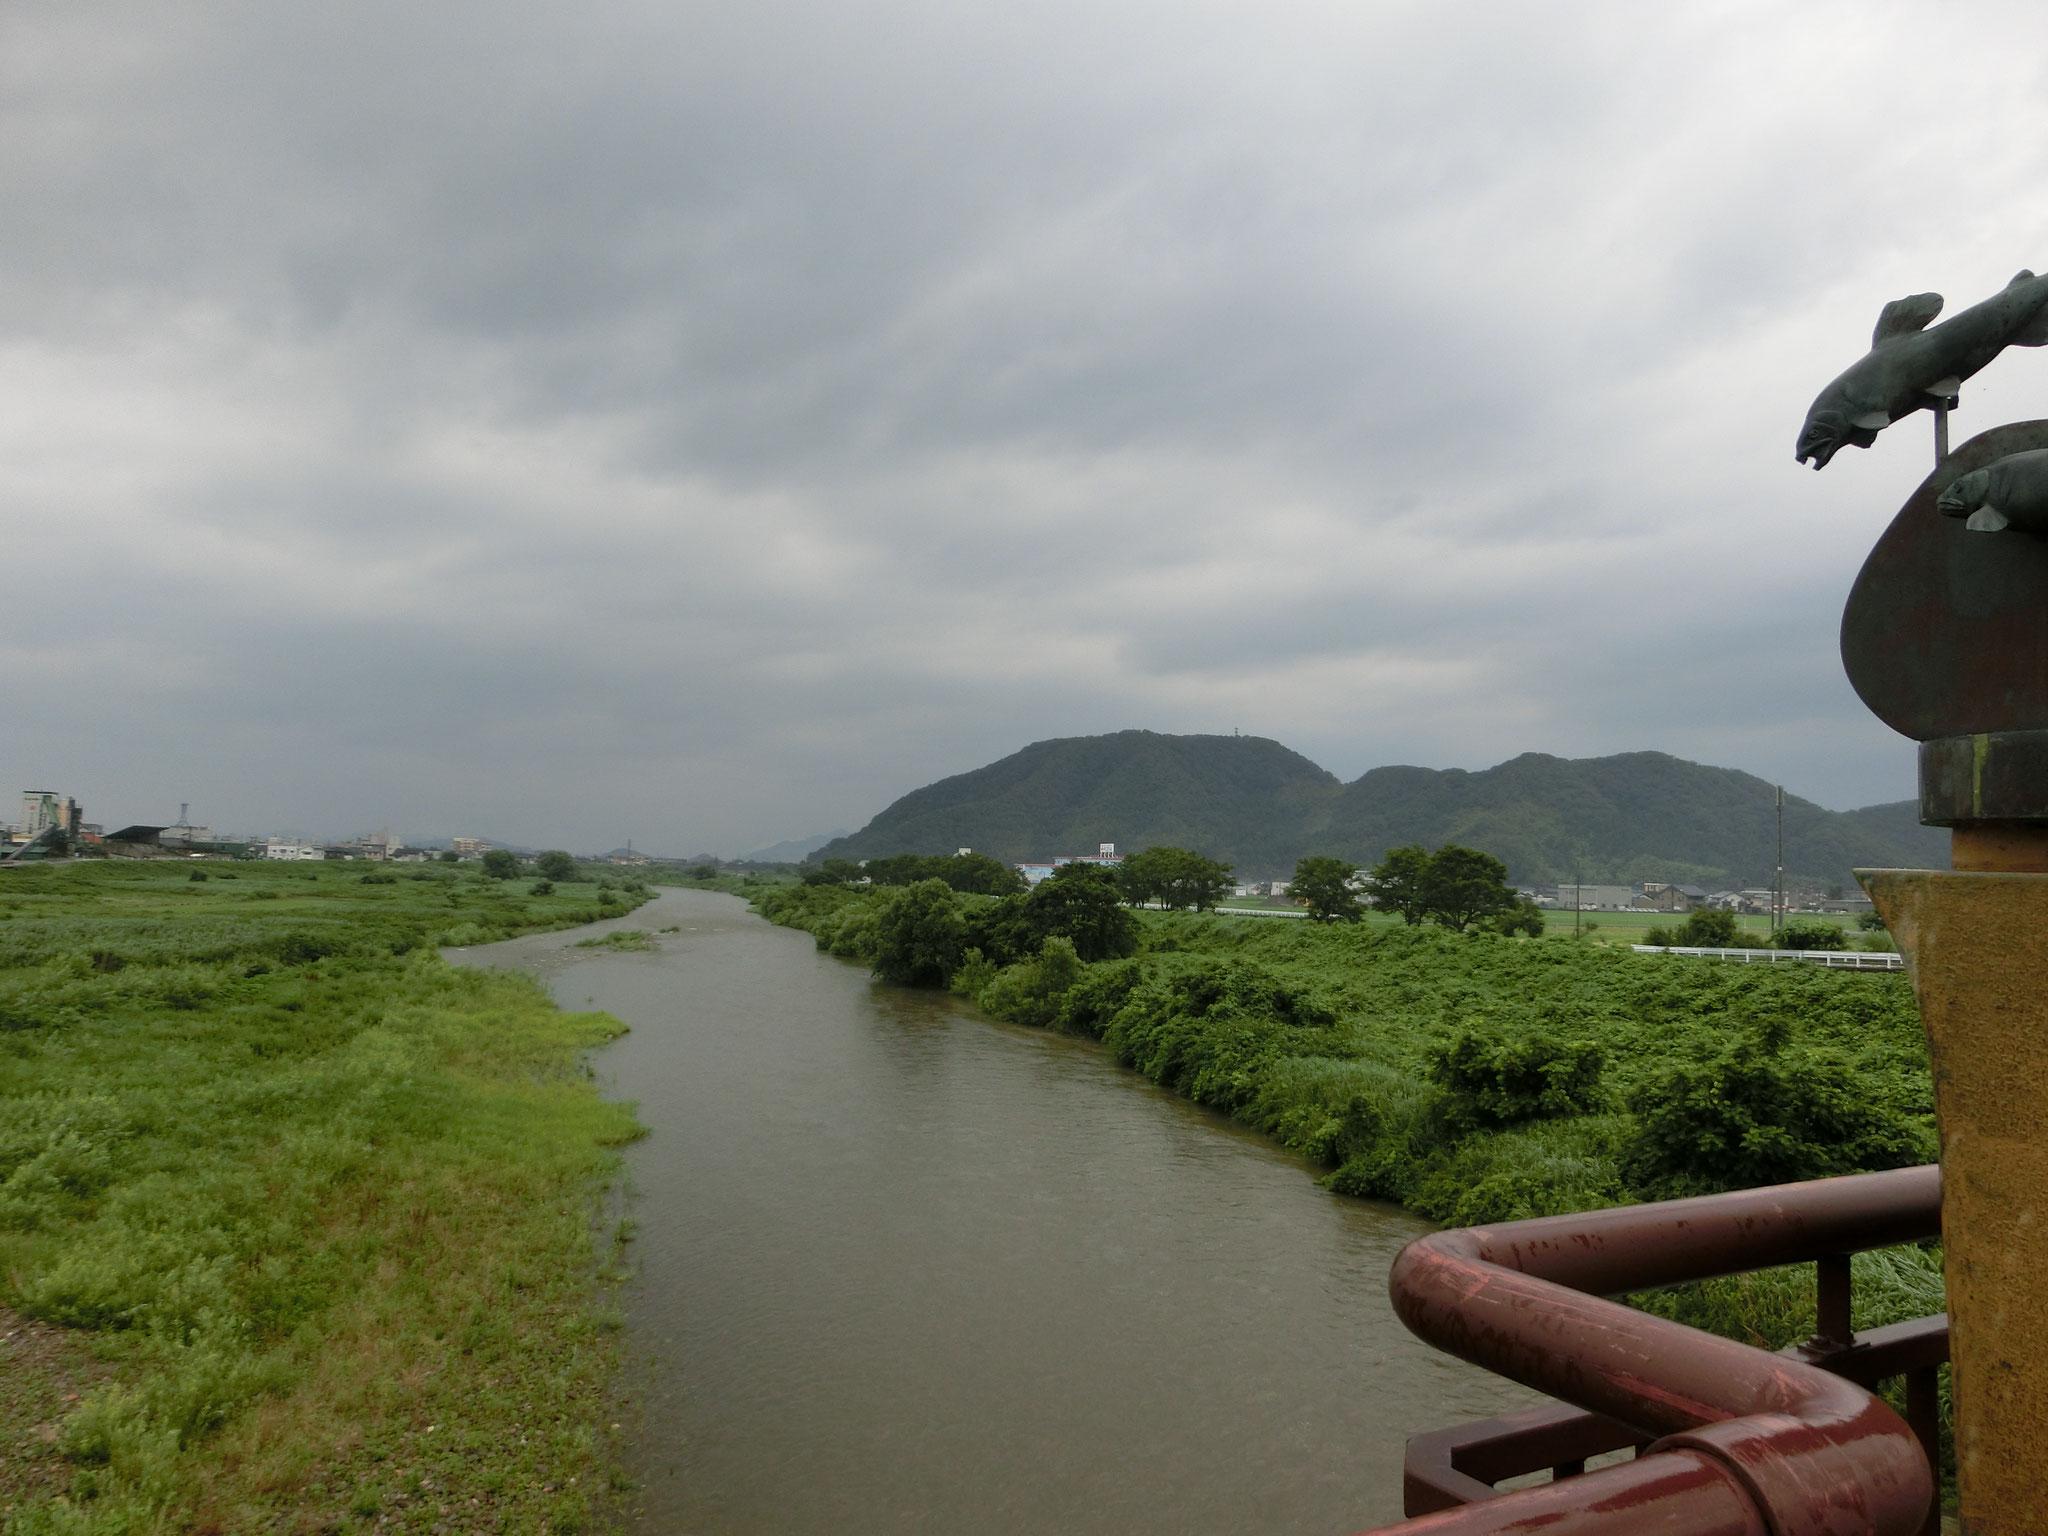 H28.6.26 7時 越前市 日野大橋下流